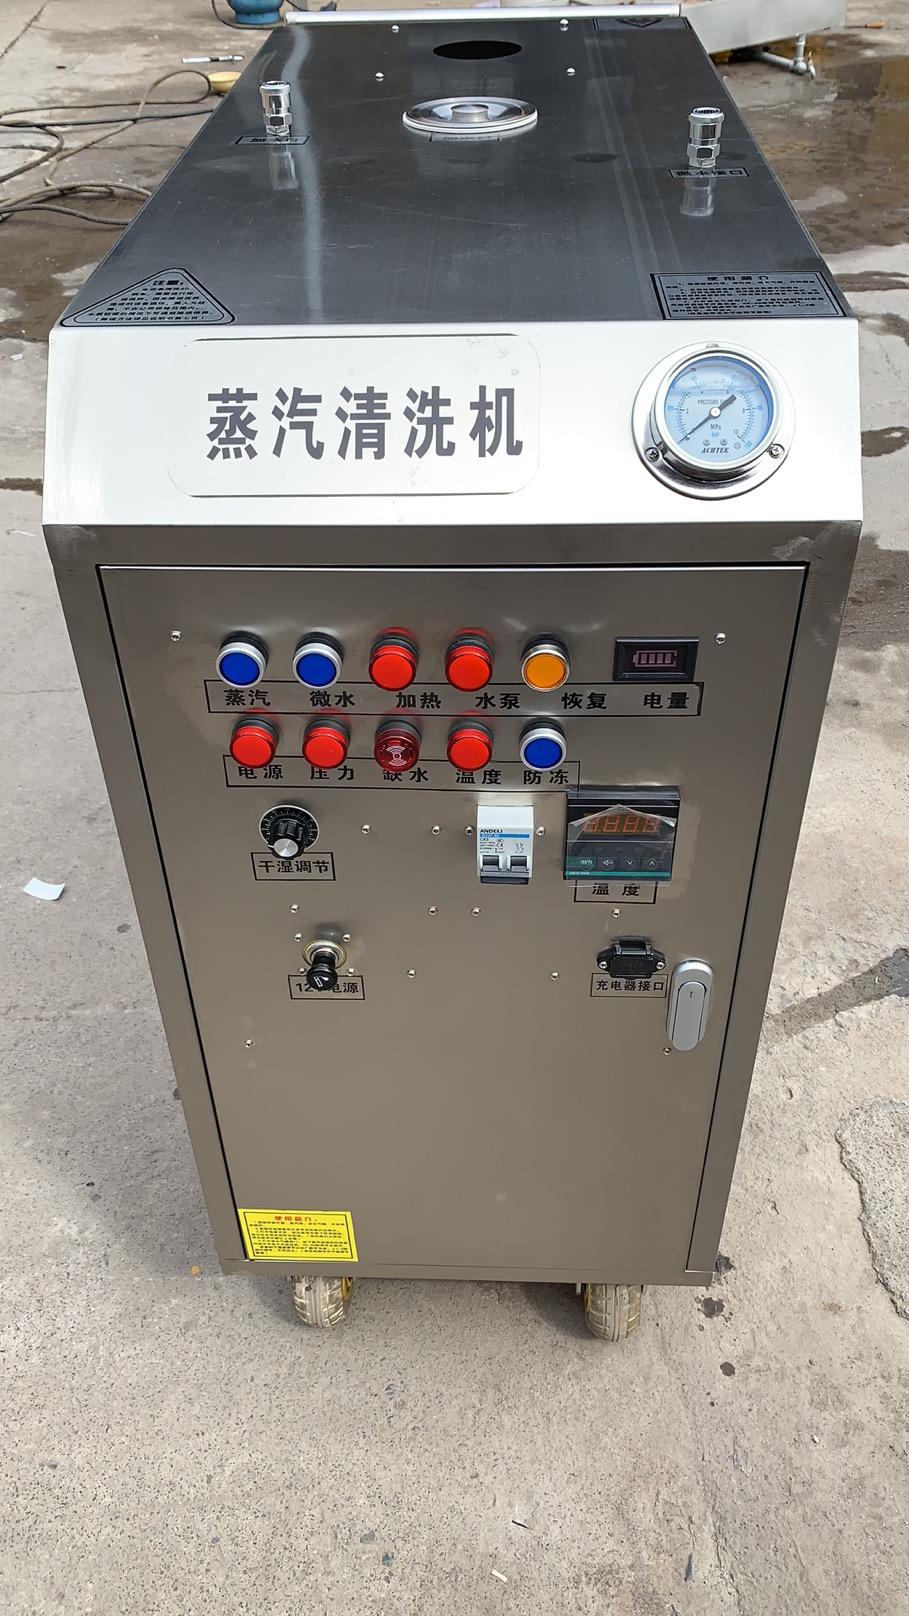 沐鸣2平台资讯蒸汽洗车机洗车效果怎么样?好用么?